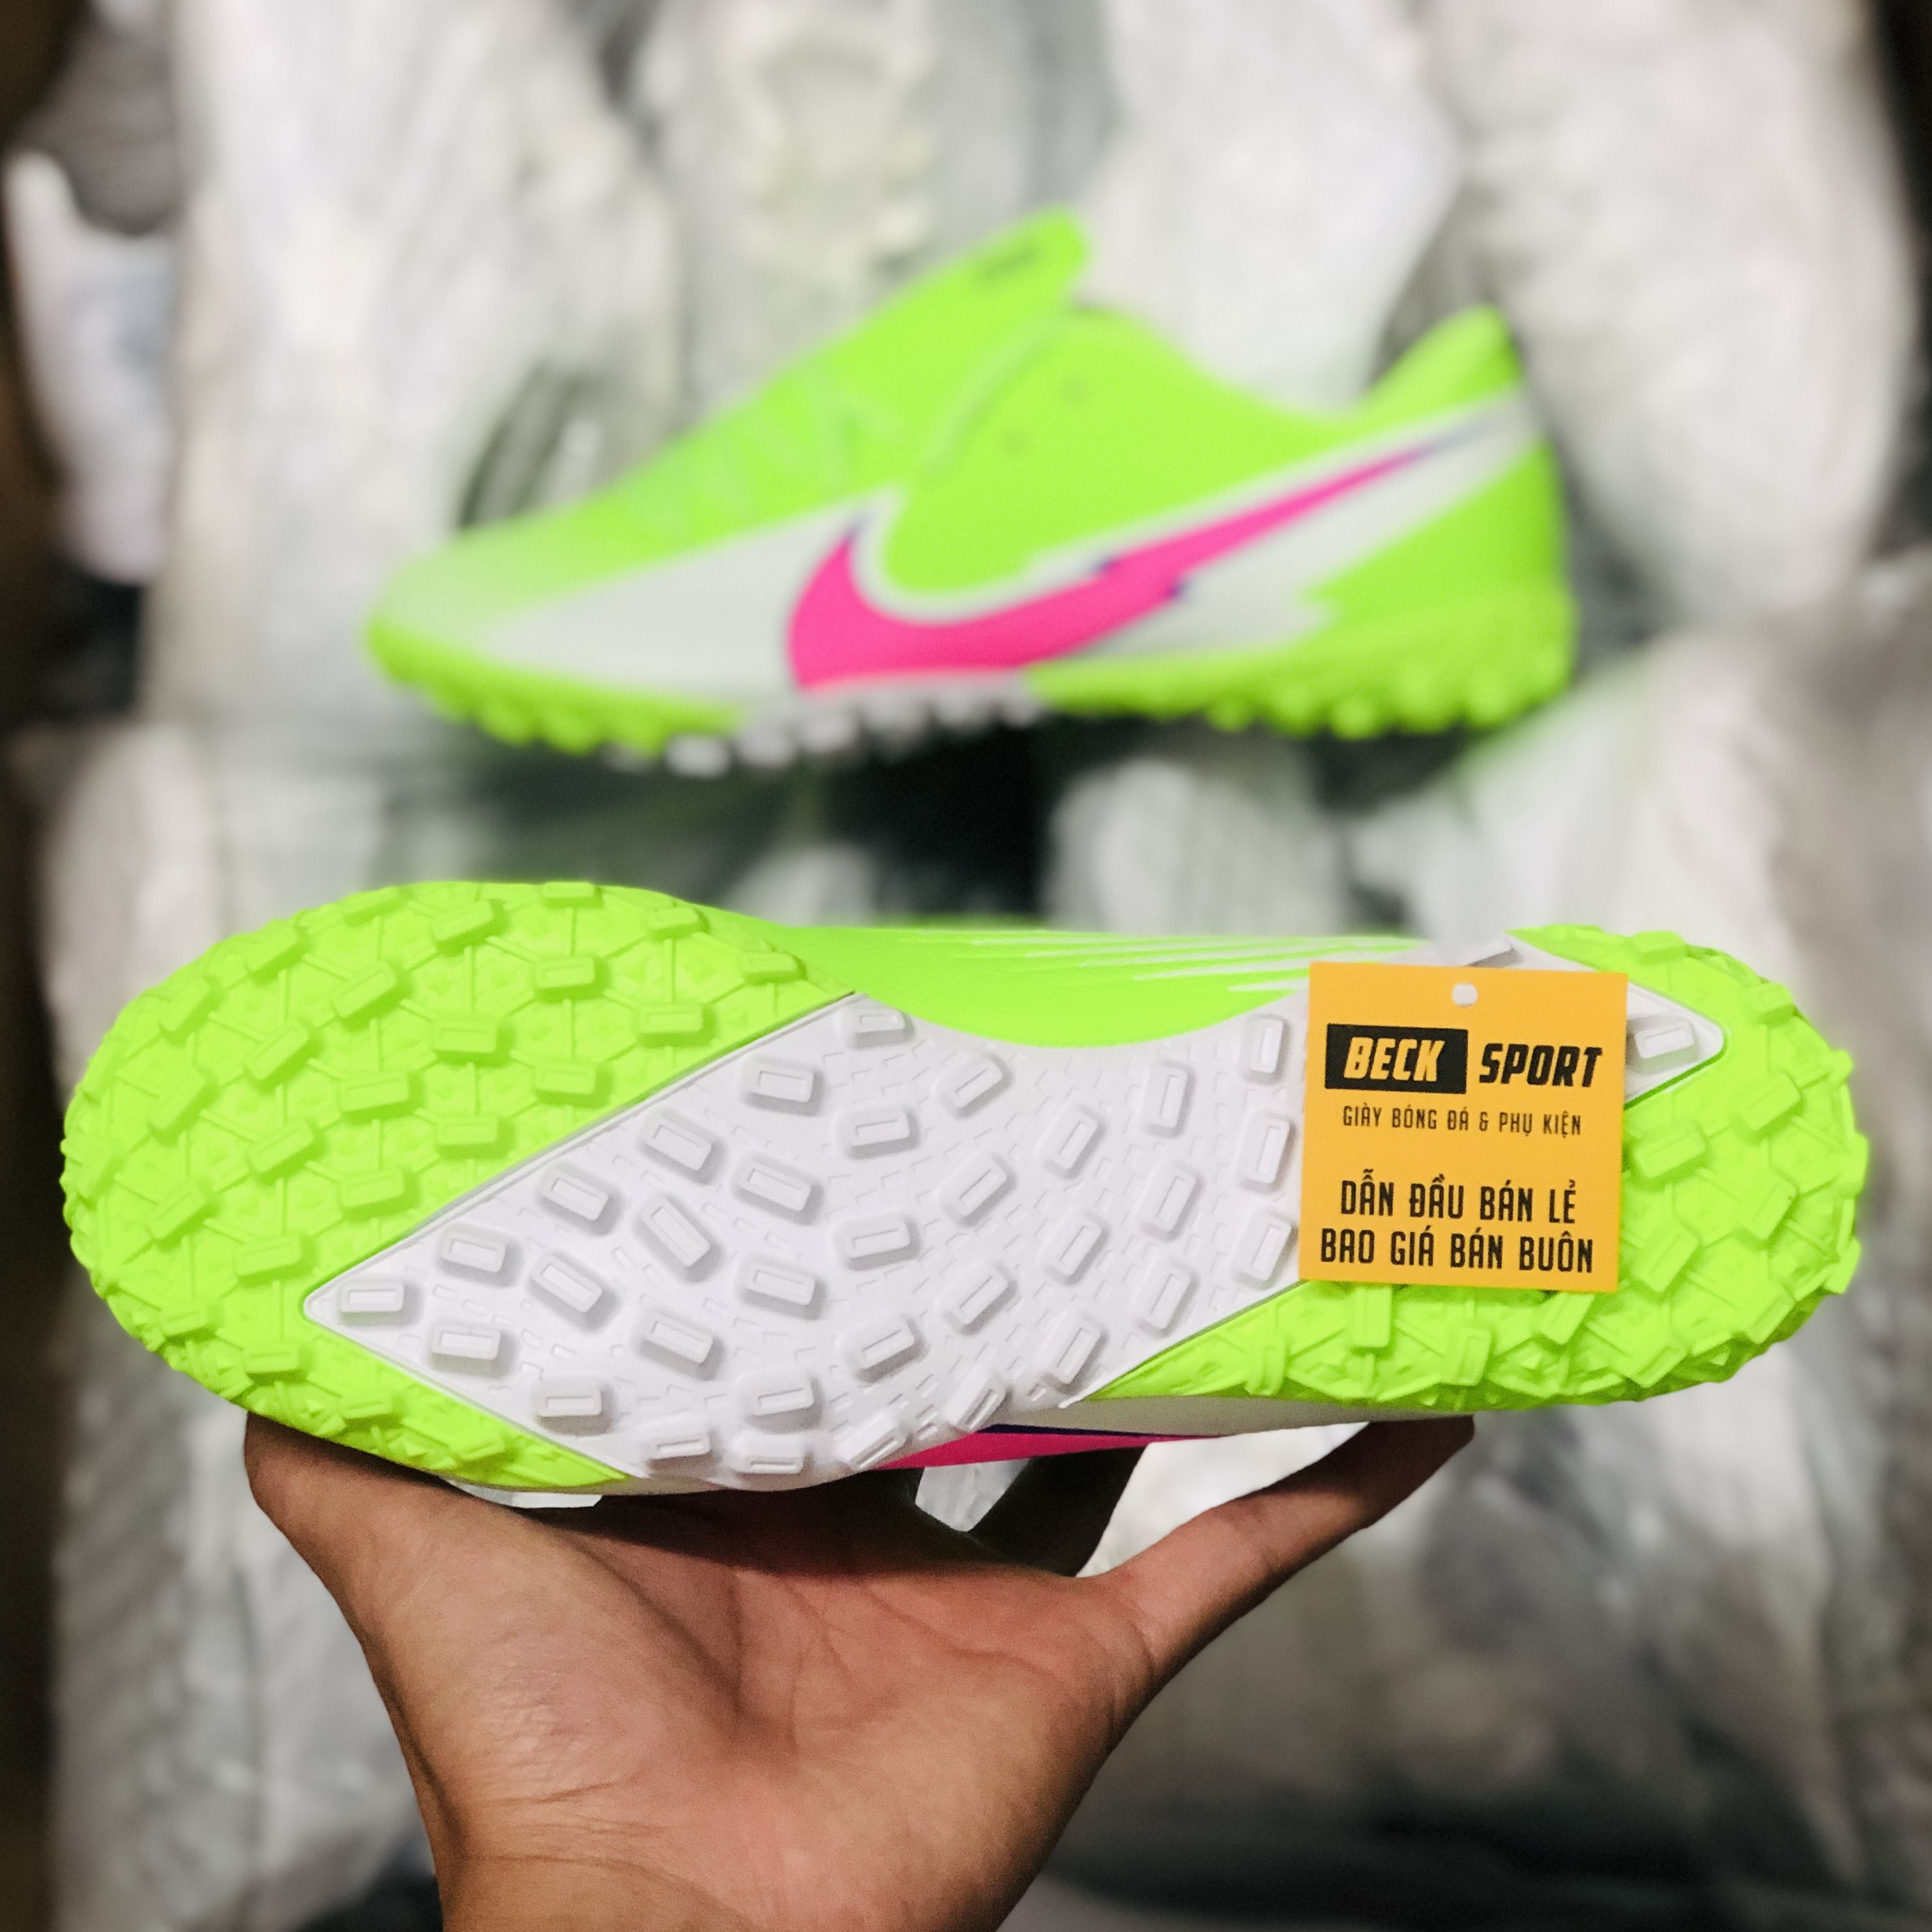 Giày Bóng Đá Nike Mercurial Vapor 13 Academy Nõn Chuối Trắng Vạch Hồng V2 TF